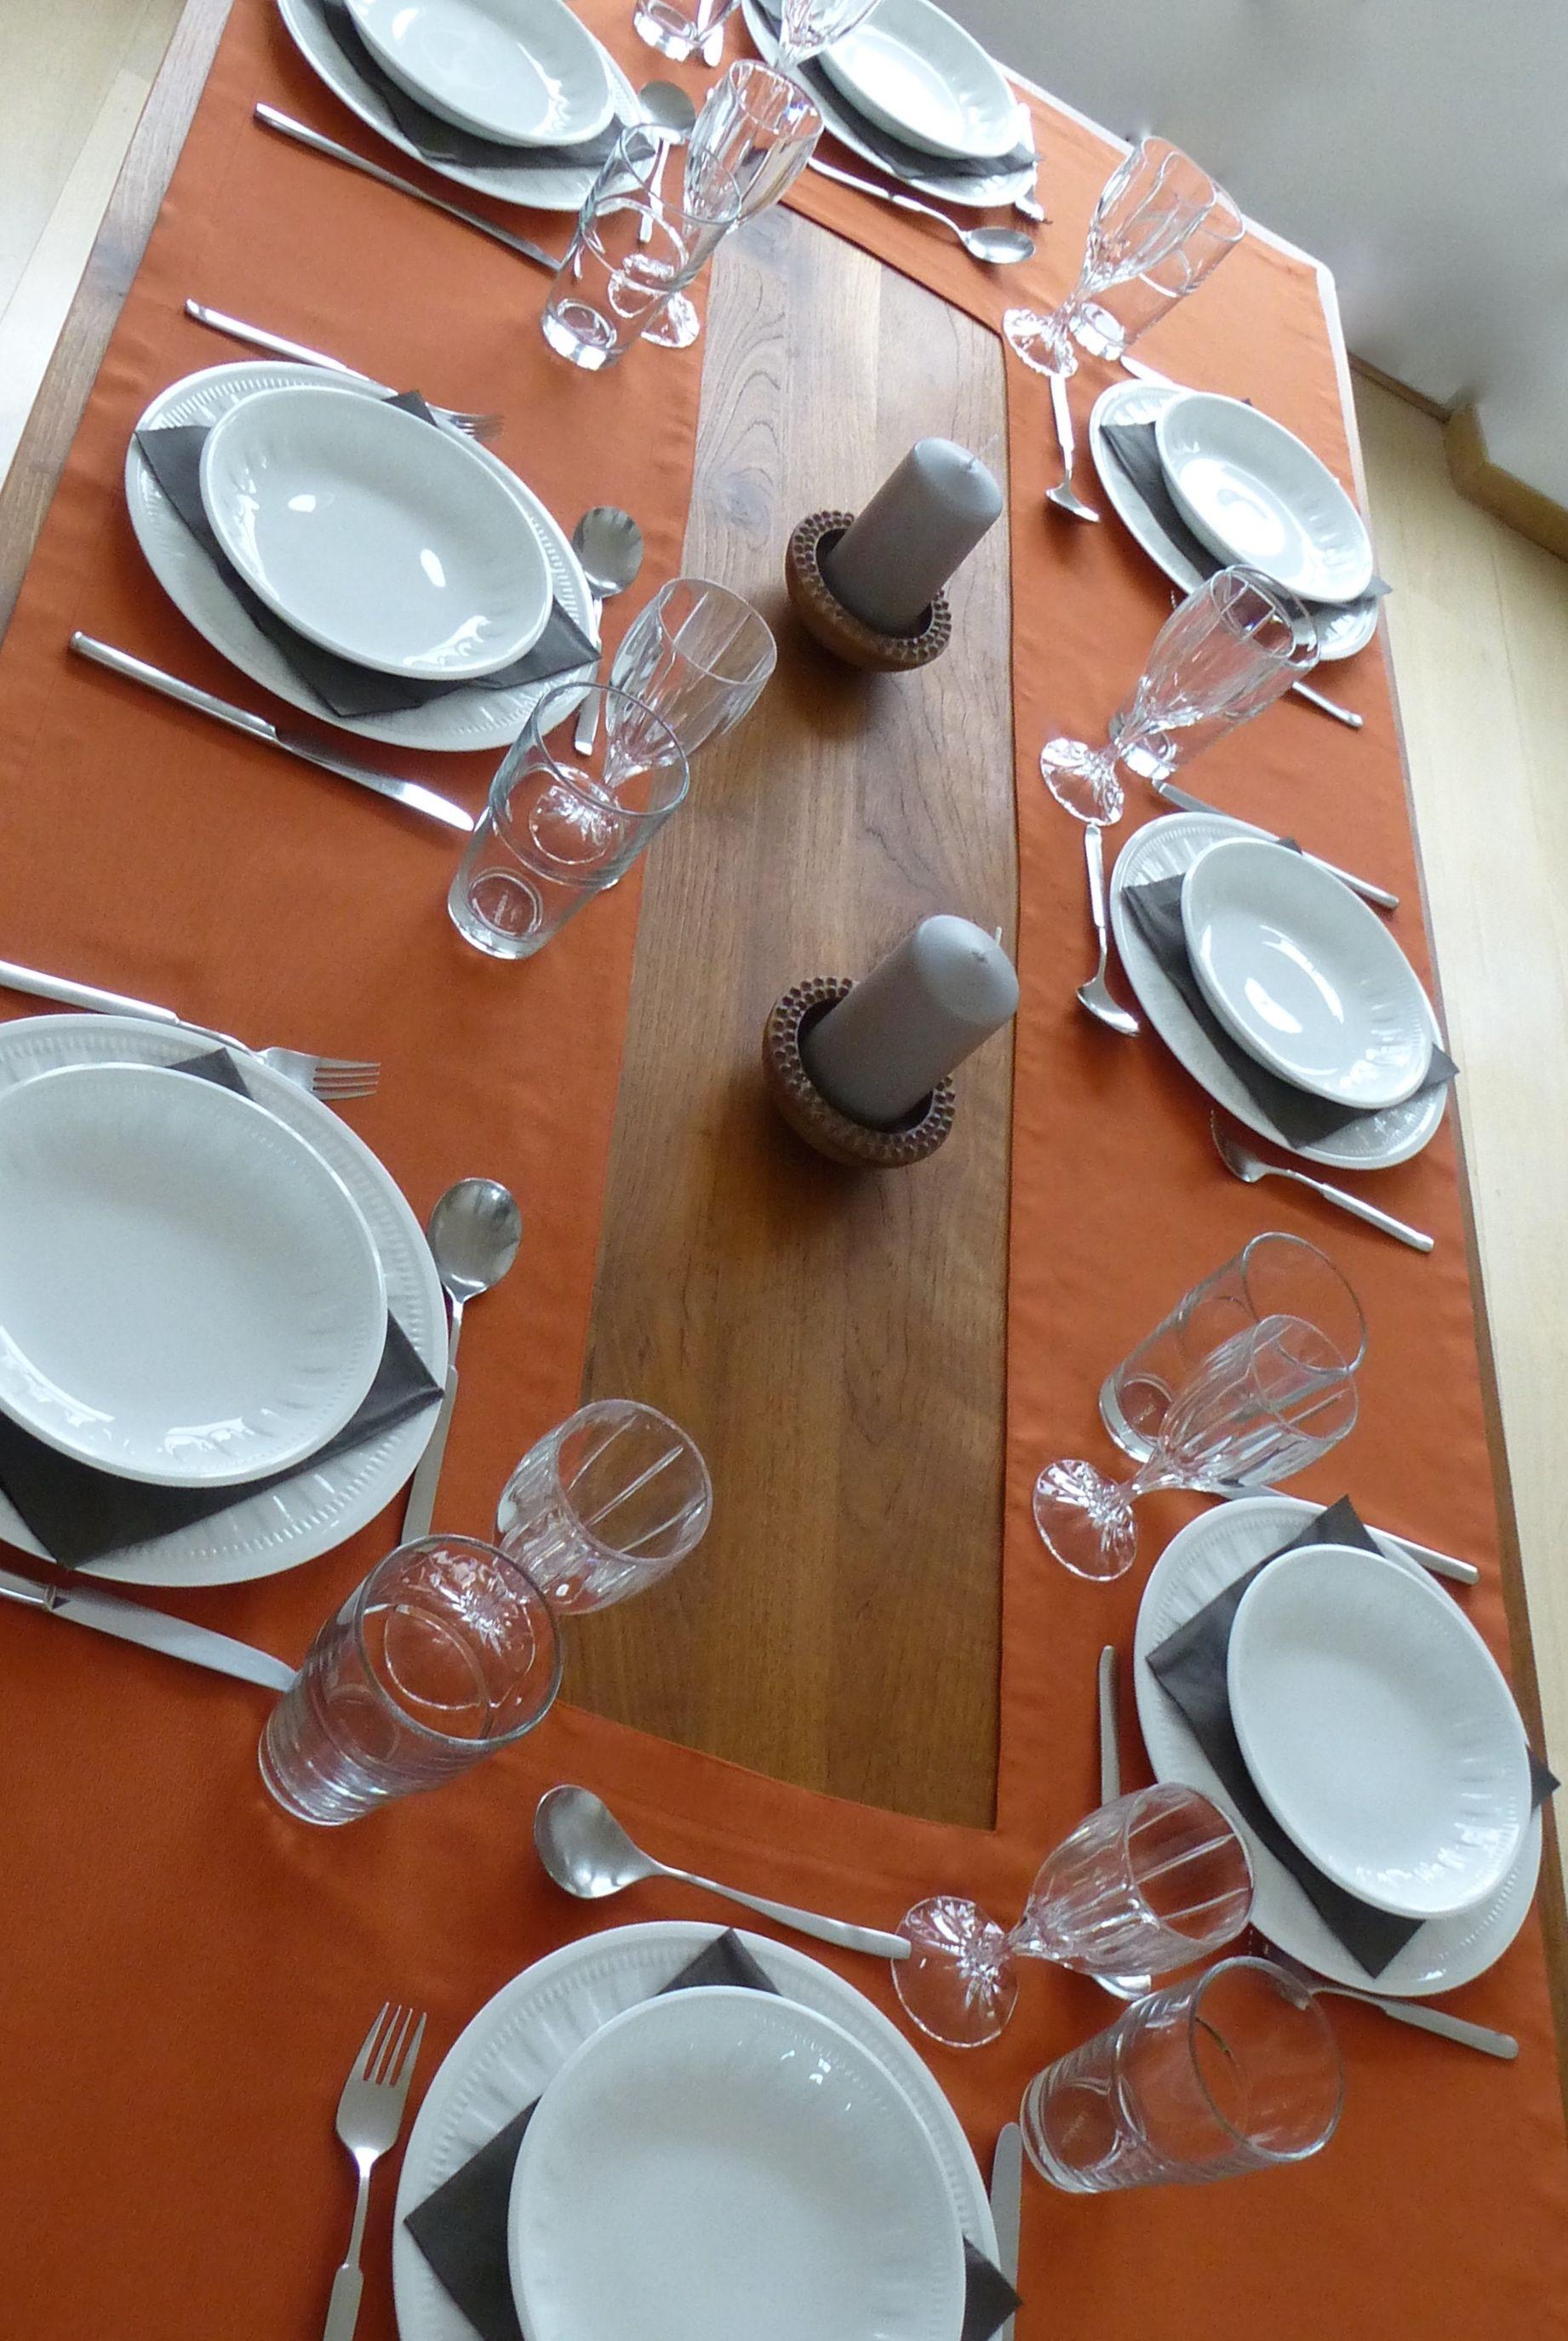 Dieser Tischdeckenlaufer Geeignet Fur Tisch 100 X 200 Cm Bietet Ihnen Die Moglichkeit Personen Variabel An